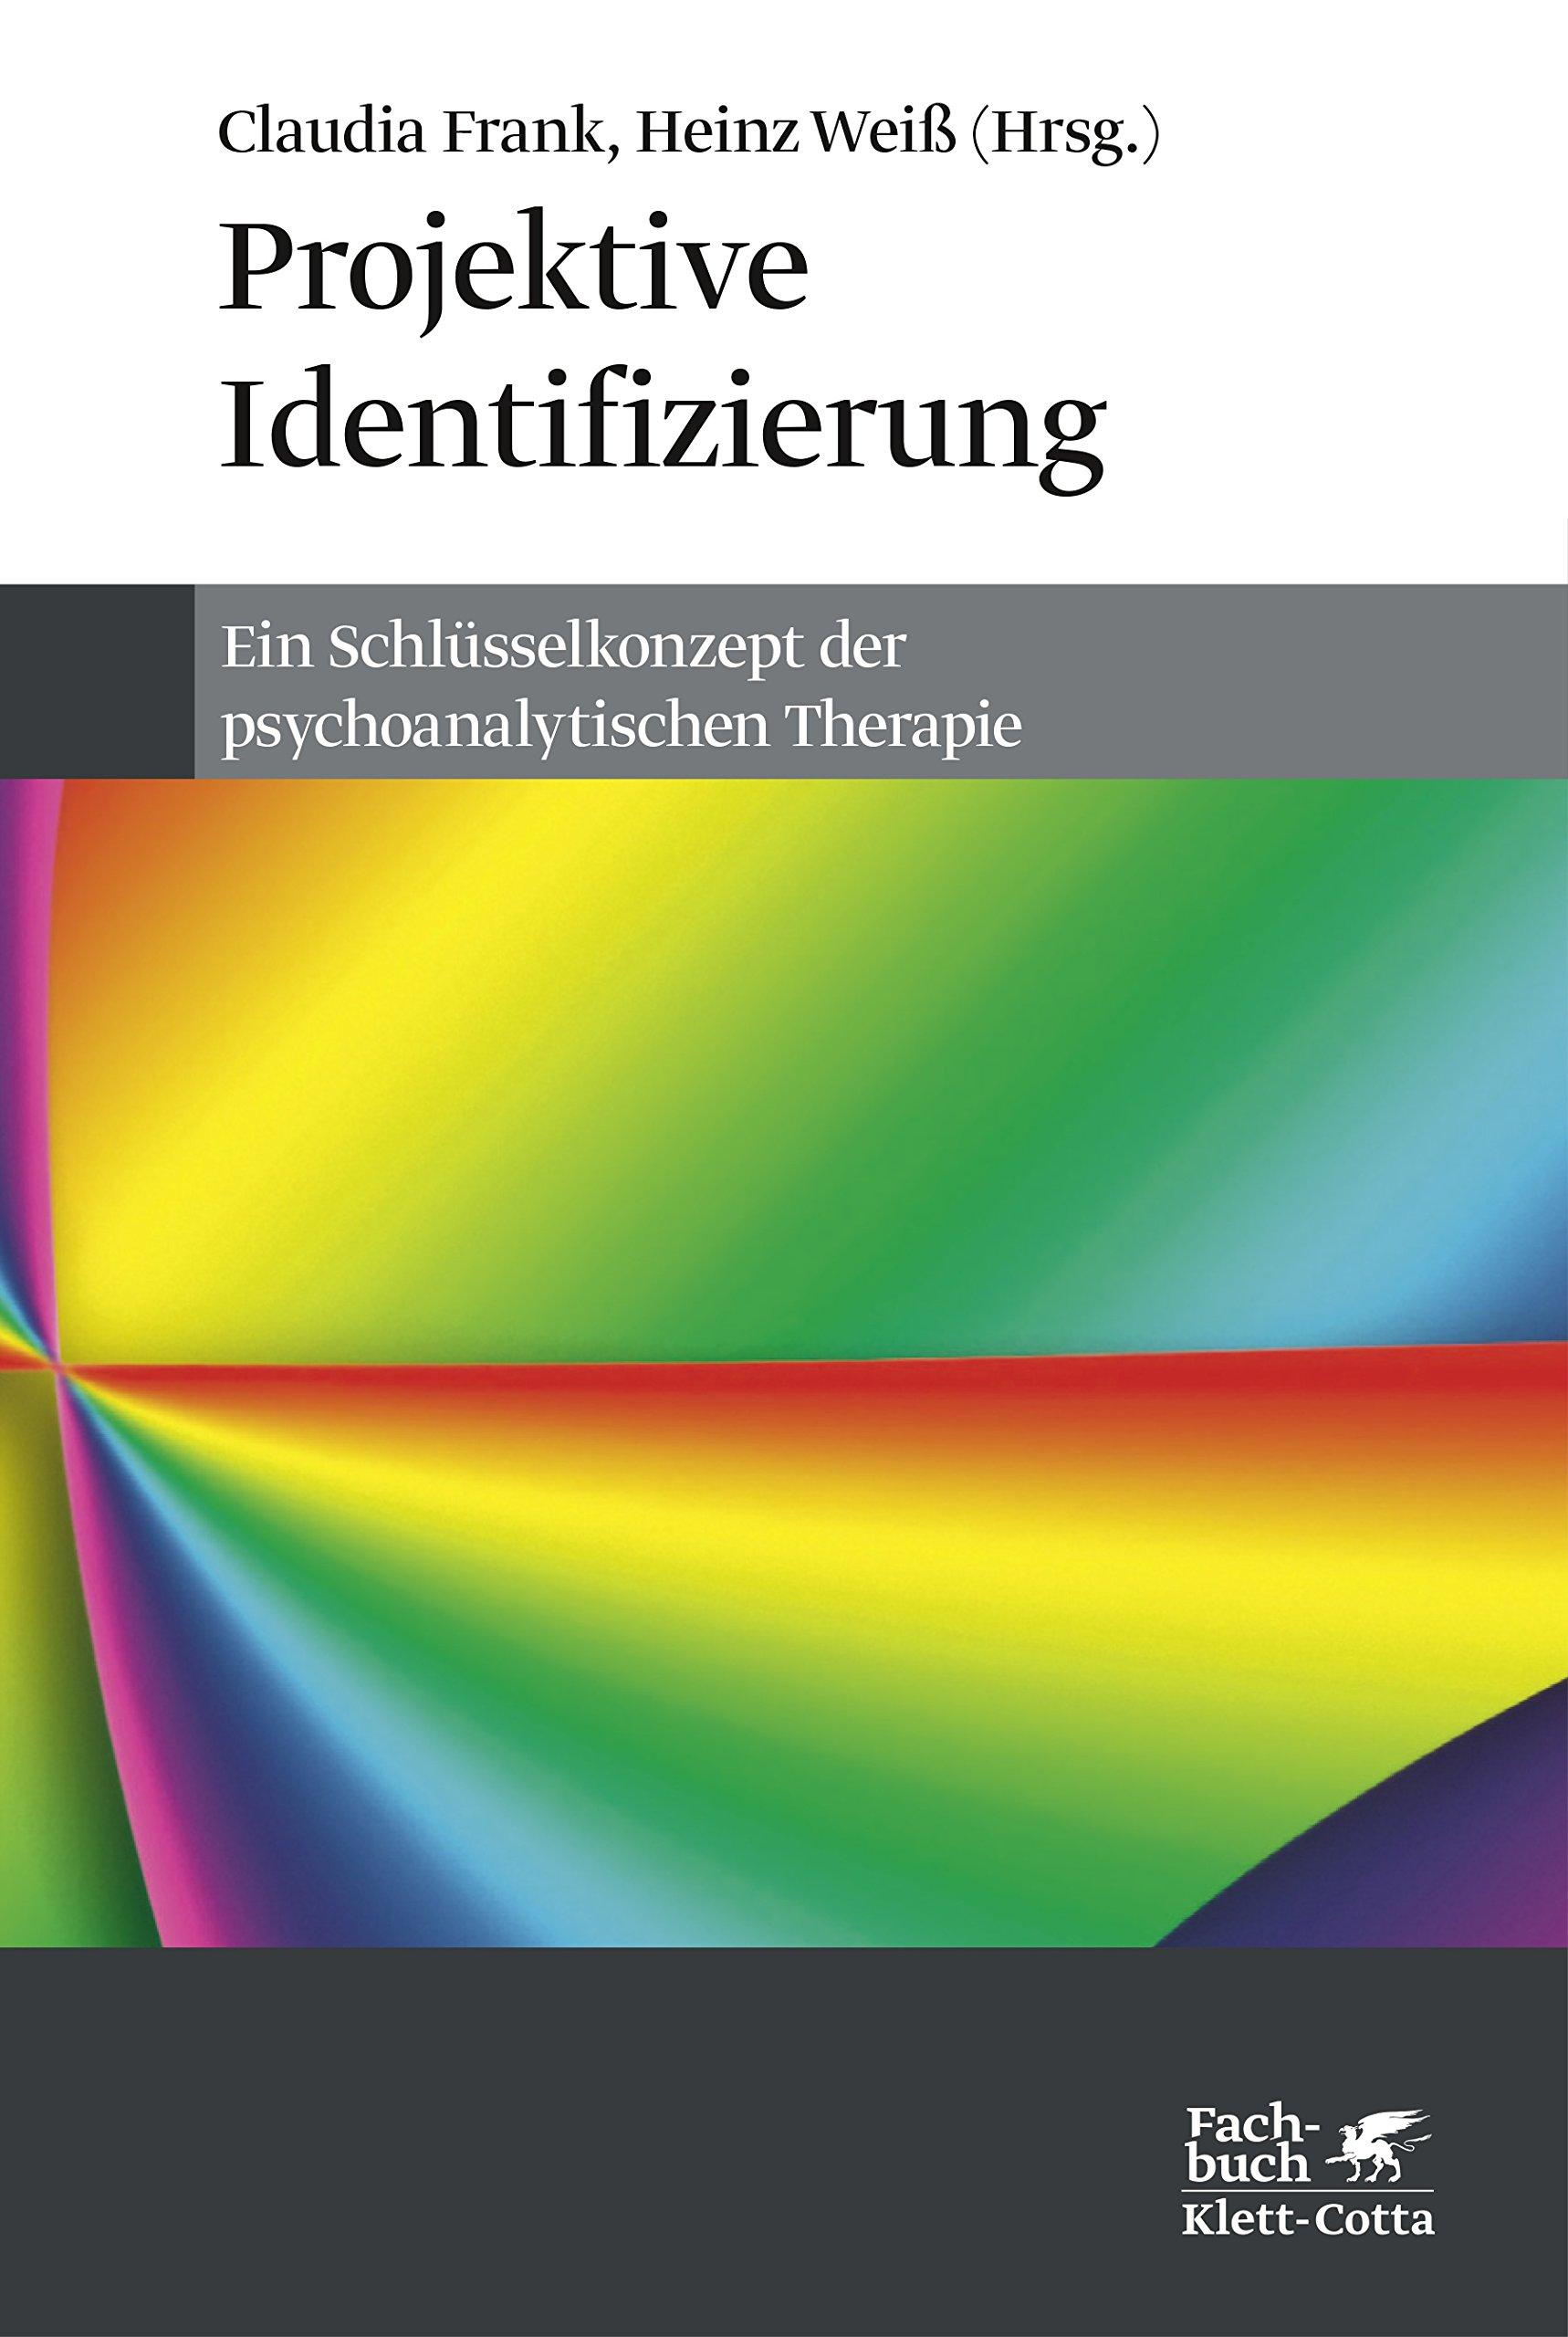 Projektive Identifizierung: Ein Schlüsselkonzept der psychoanalytischen Therapie